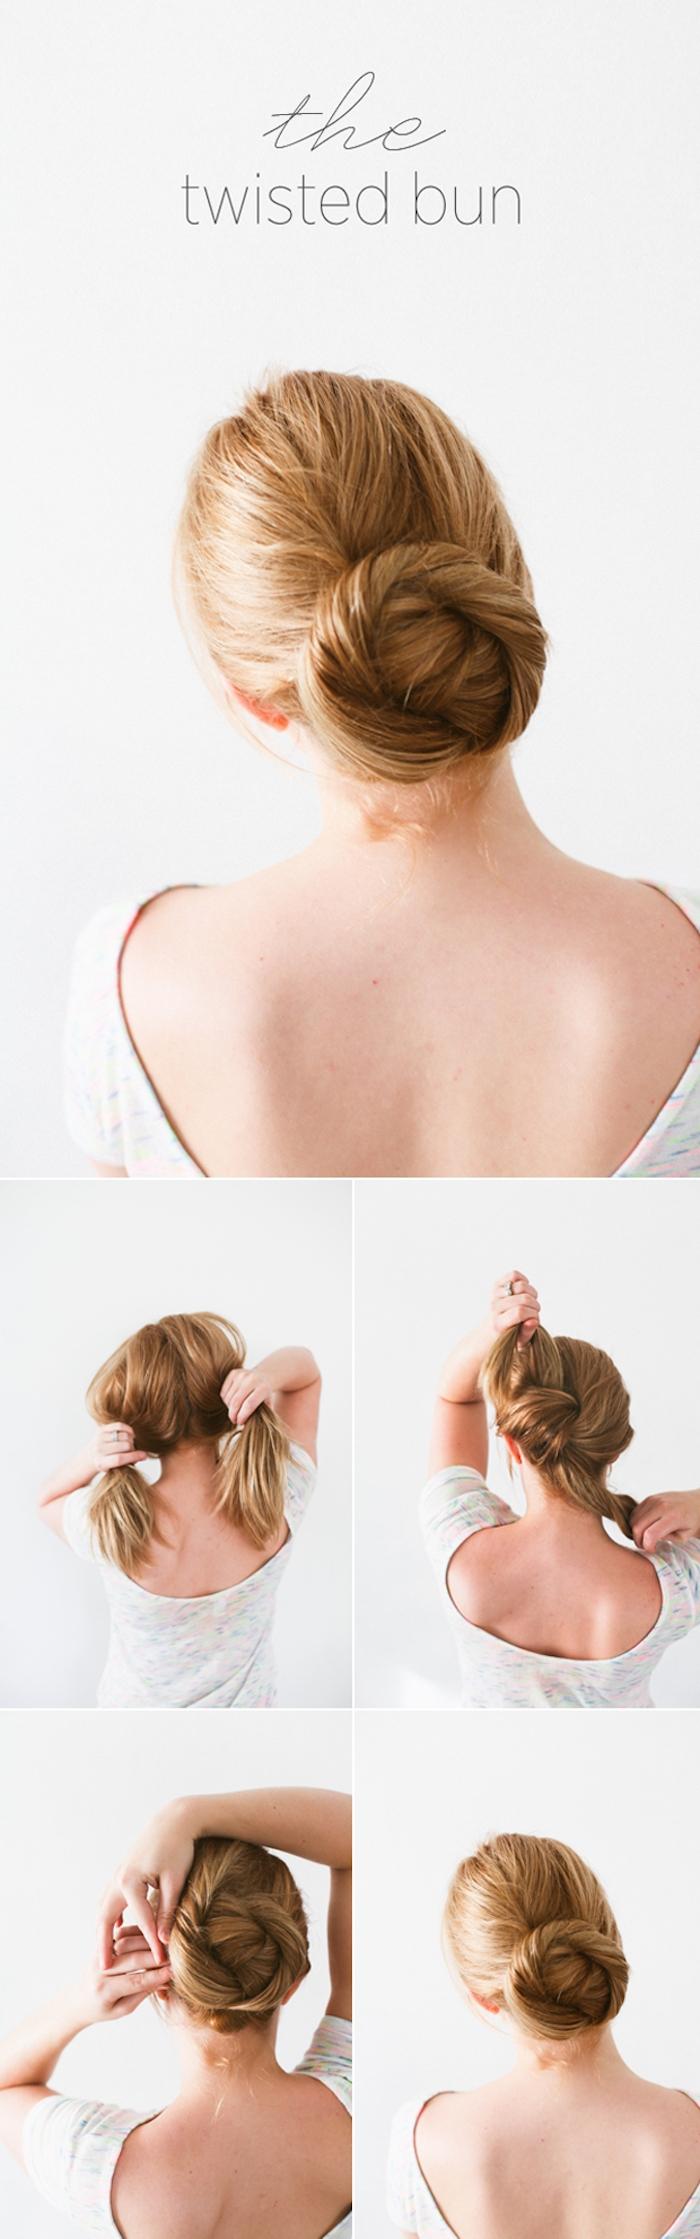 Niedrigen Dutt selber machen, Haare in zwei Partien teilen, zusammenbinden und Knoten formen